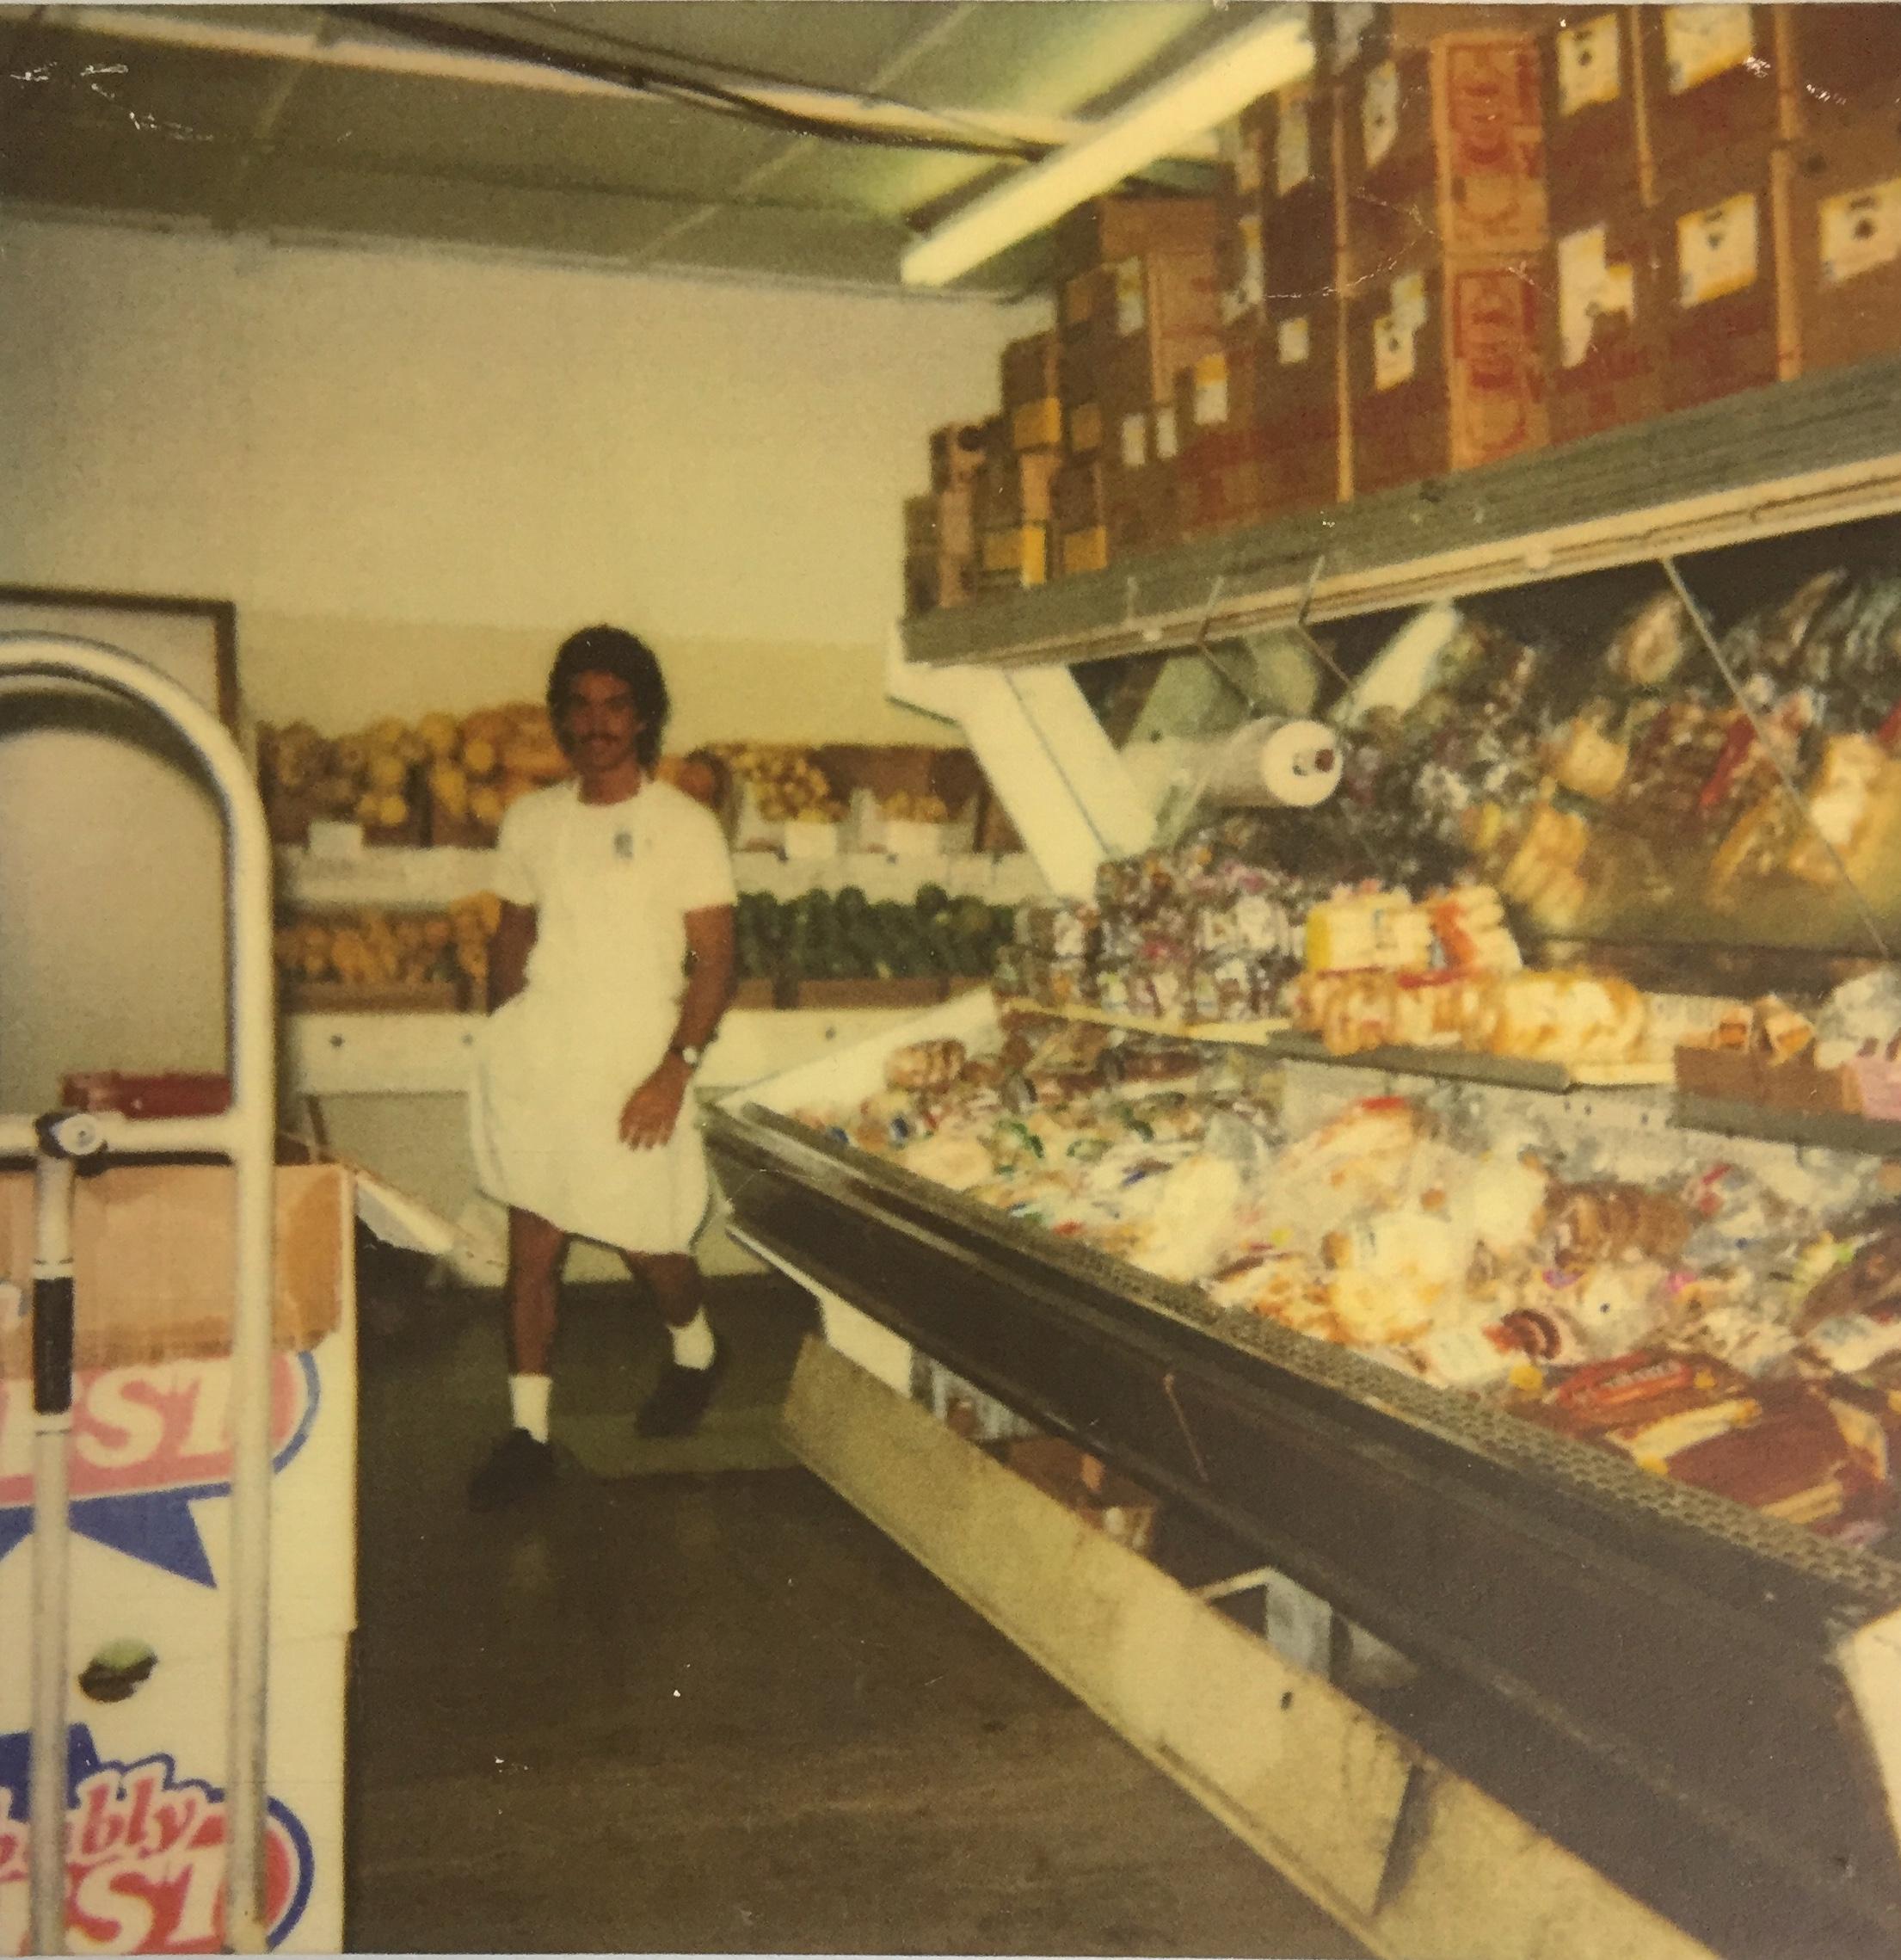 Ed Thielk at Mana Foods in 1988